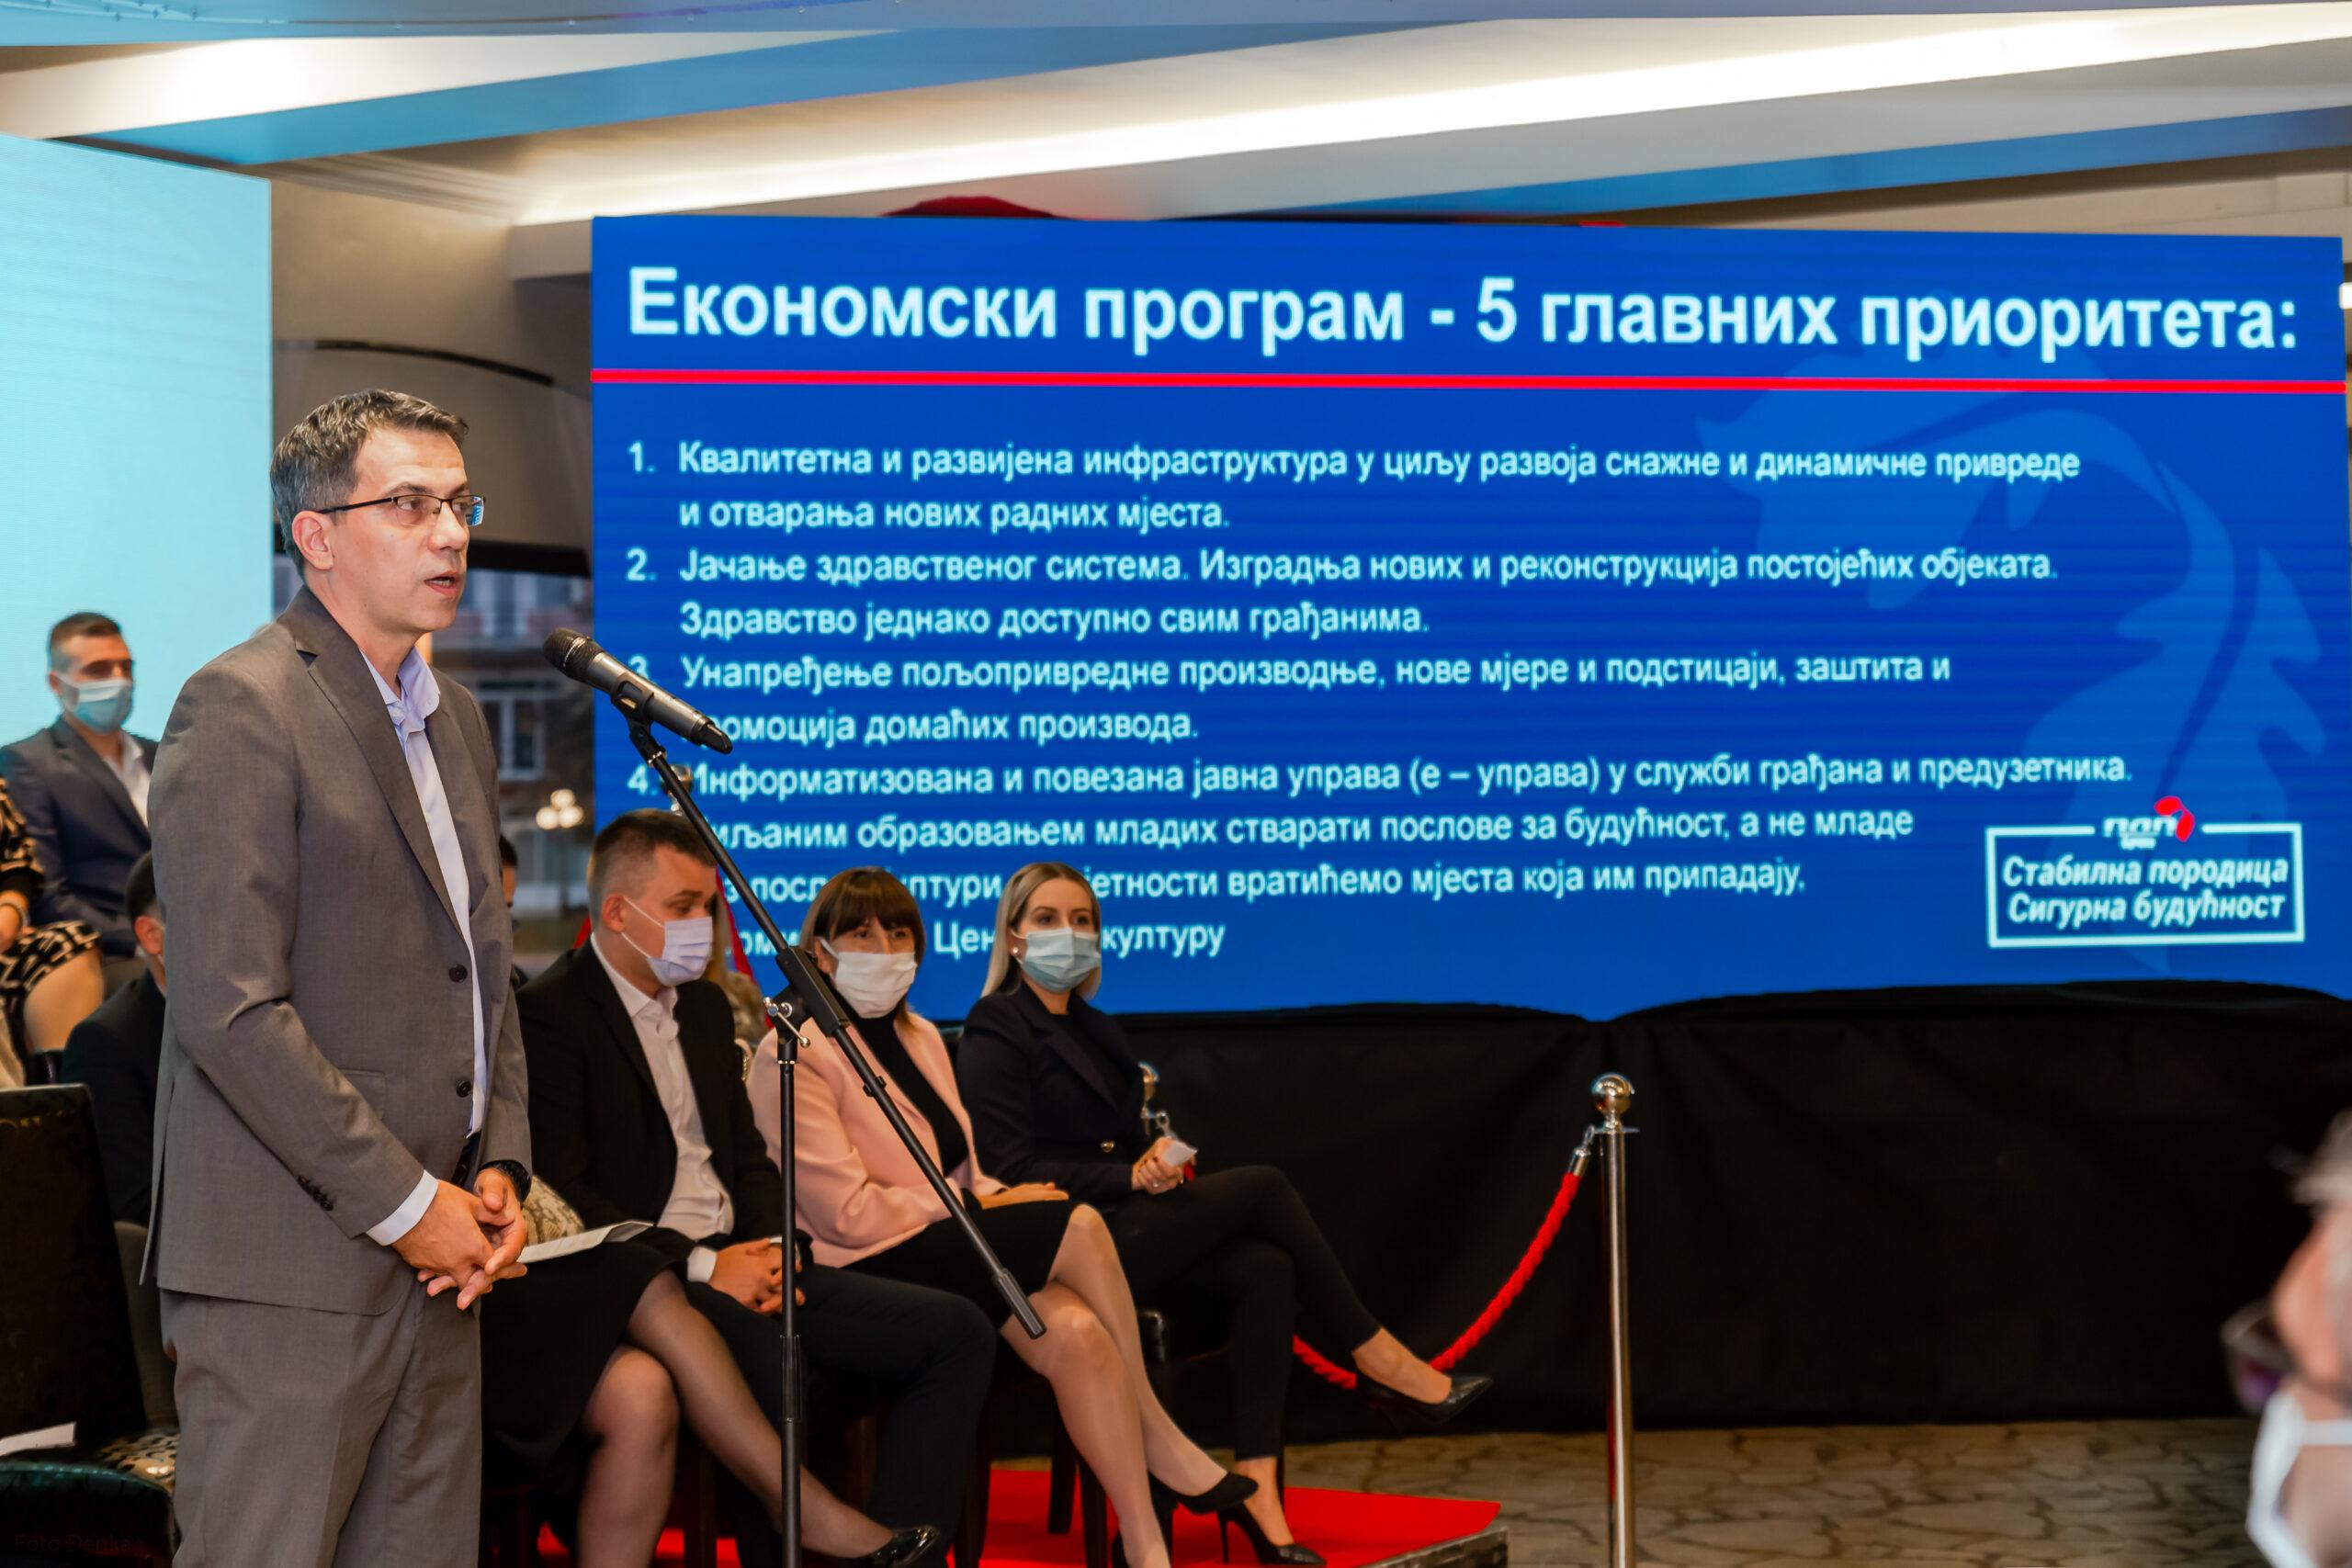 ПДП БРЧКО ПРЕДСТАВИО ЕКОНОМСКИ ПРОГРАМ ЗА ЛОКАЛНЕ ИЗБОРЕ 2020. ЗА СКУПШТИНУ БД